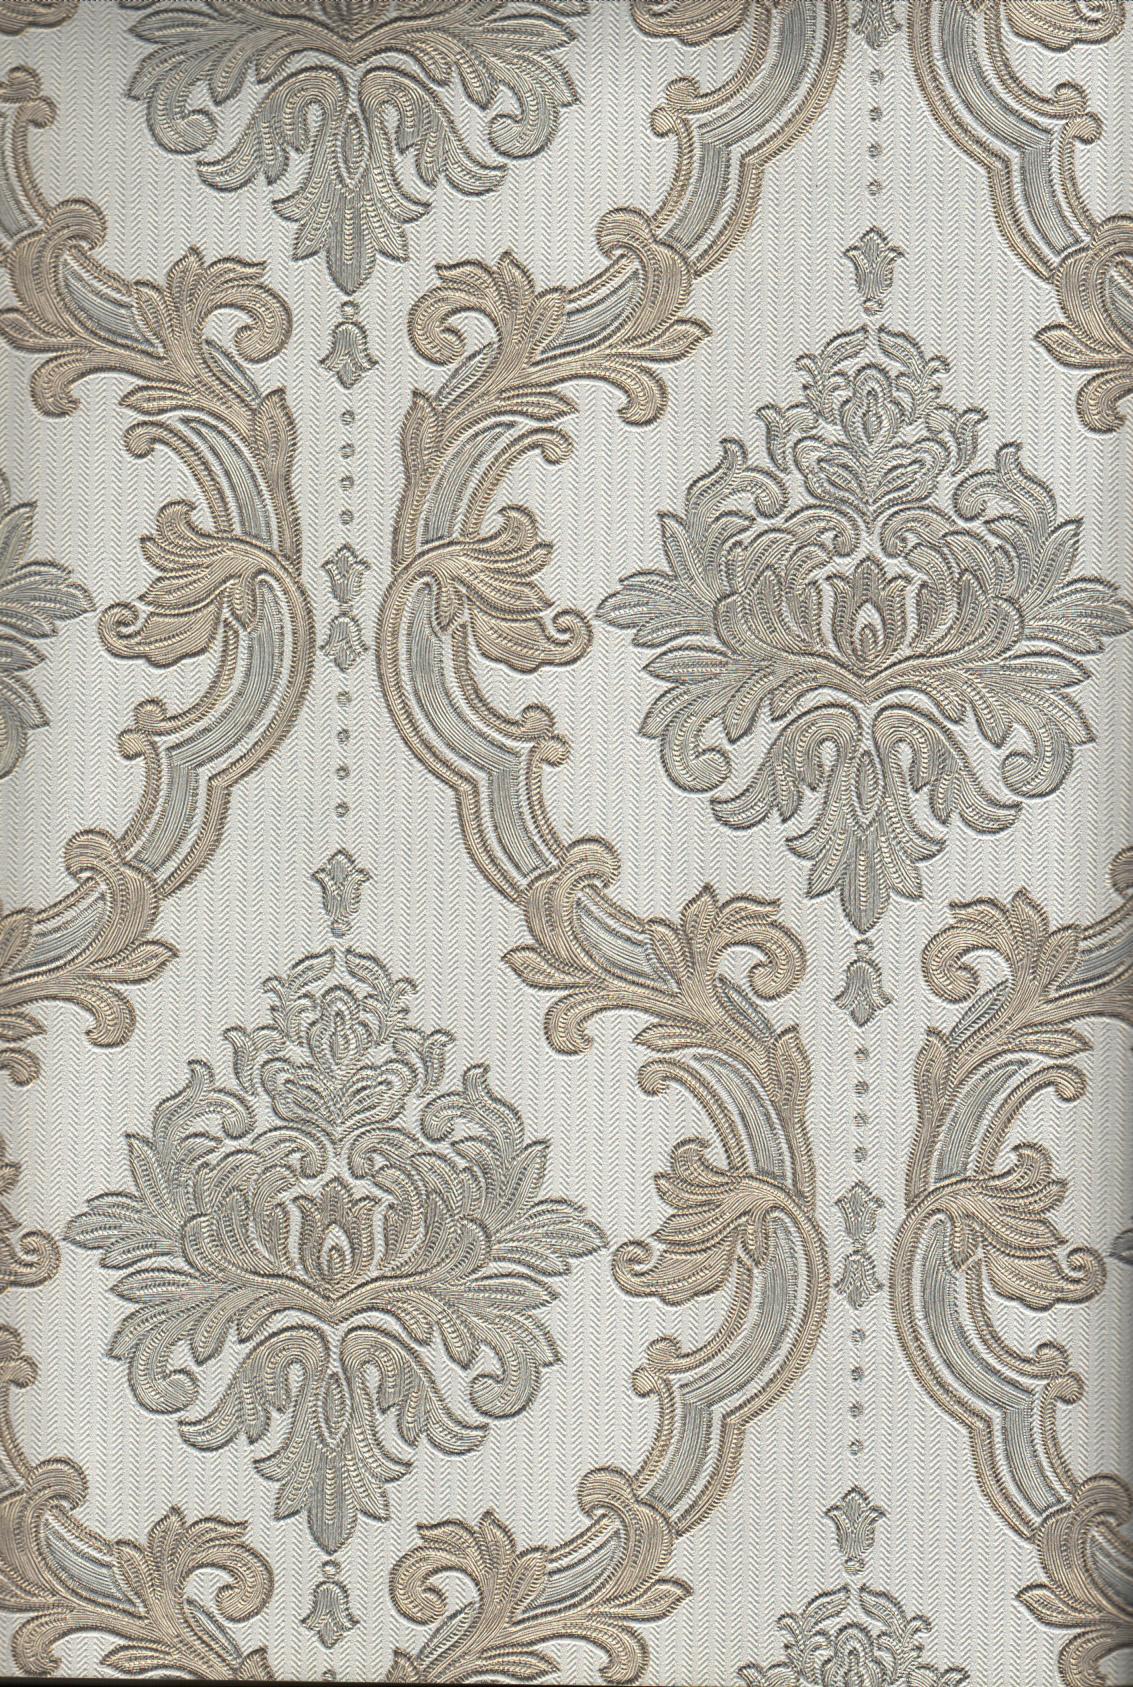 wallpaper   Wallpaper Klasik Batik (Damask) 4005-1:4005-1 corak  warna